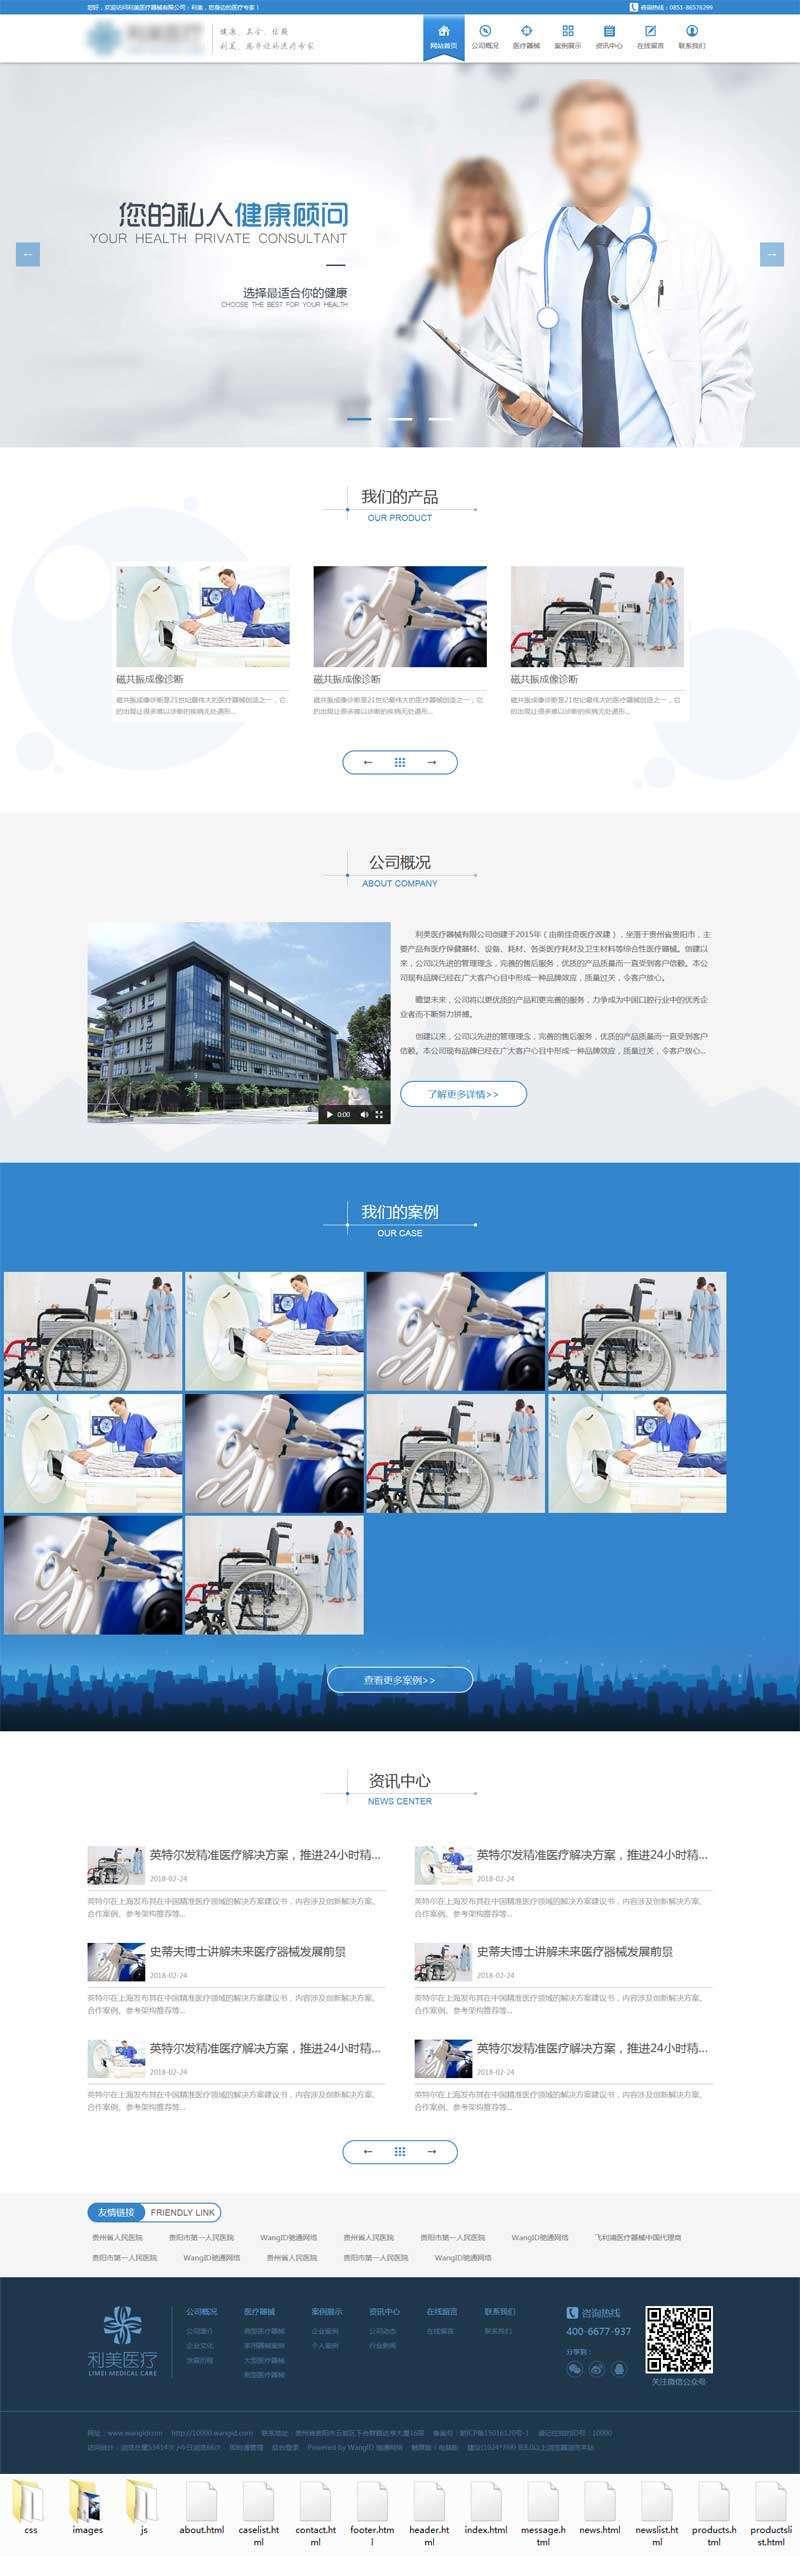 蓝色大气的医疗器械公司网站模板